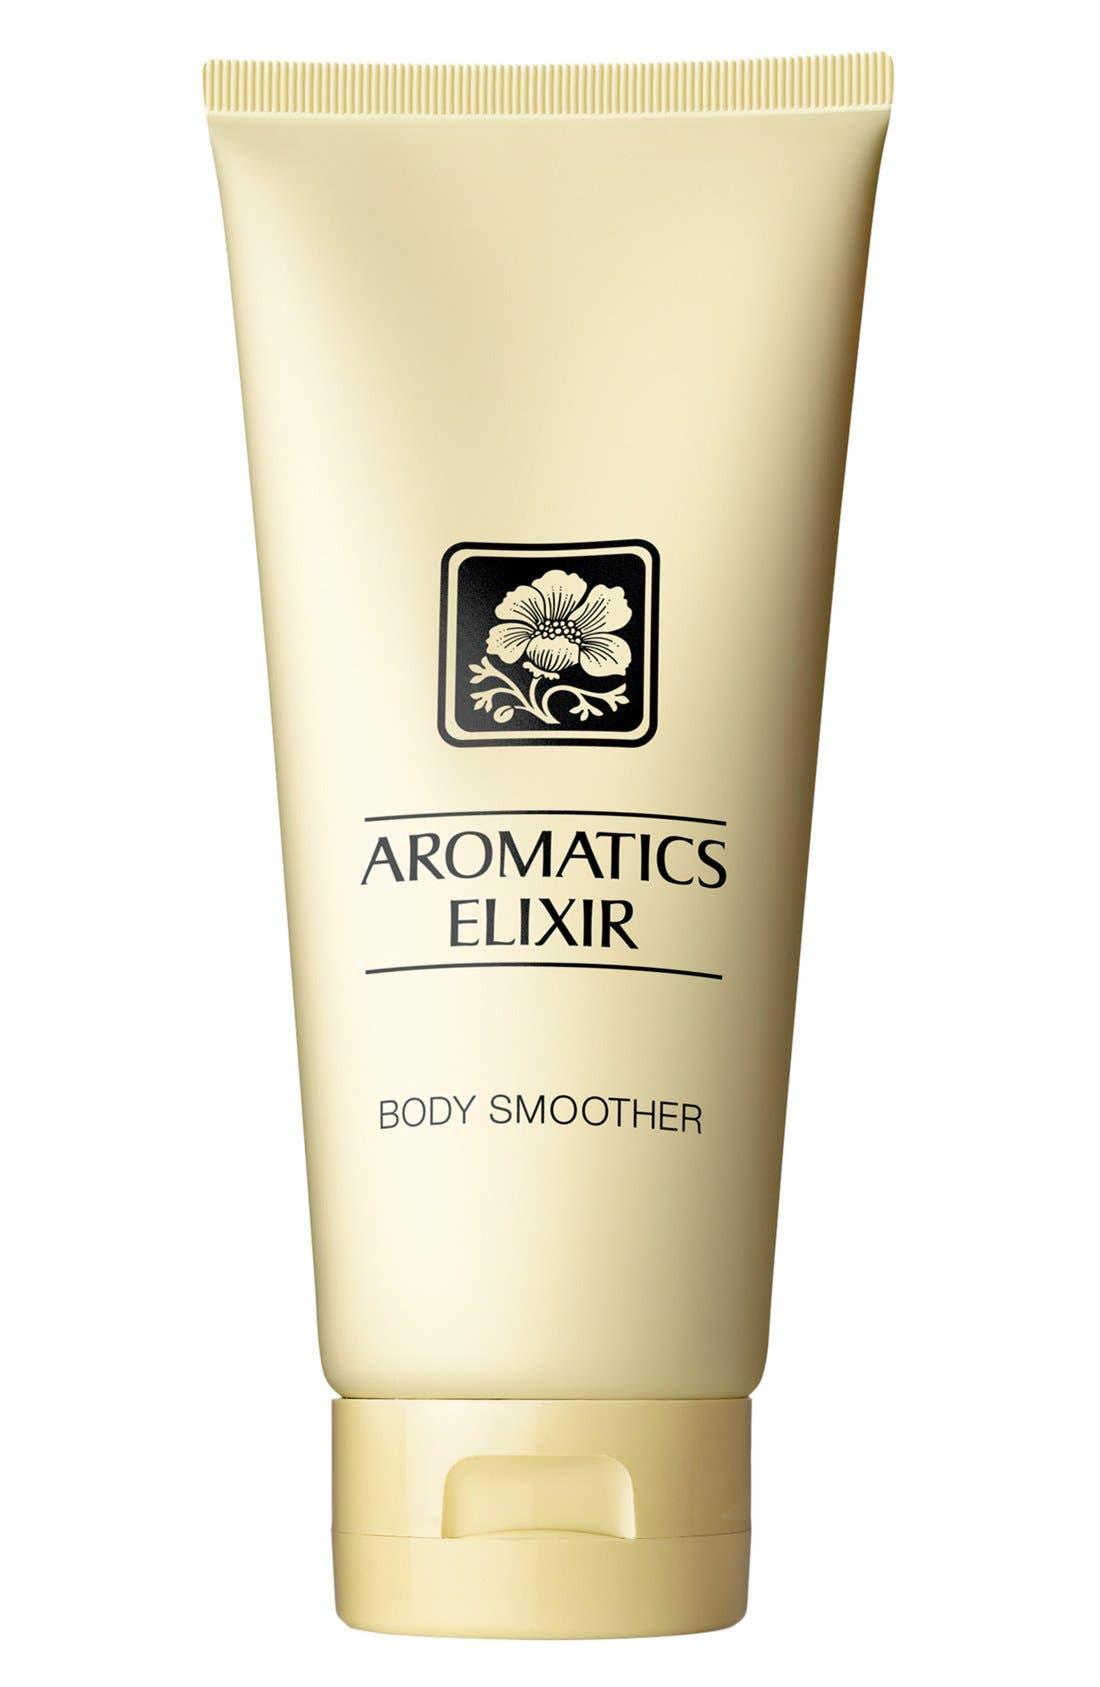 CLINIQUE, Aromatics Elixir Body Smoother, Main thumbnail 1, color, NO COLOR